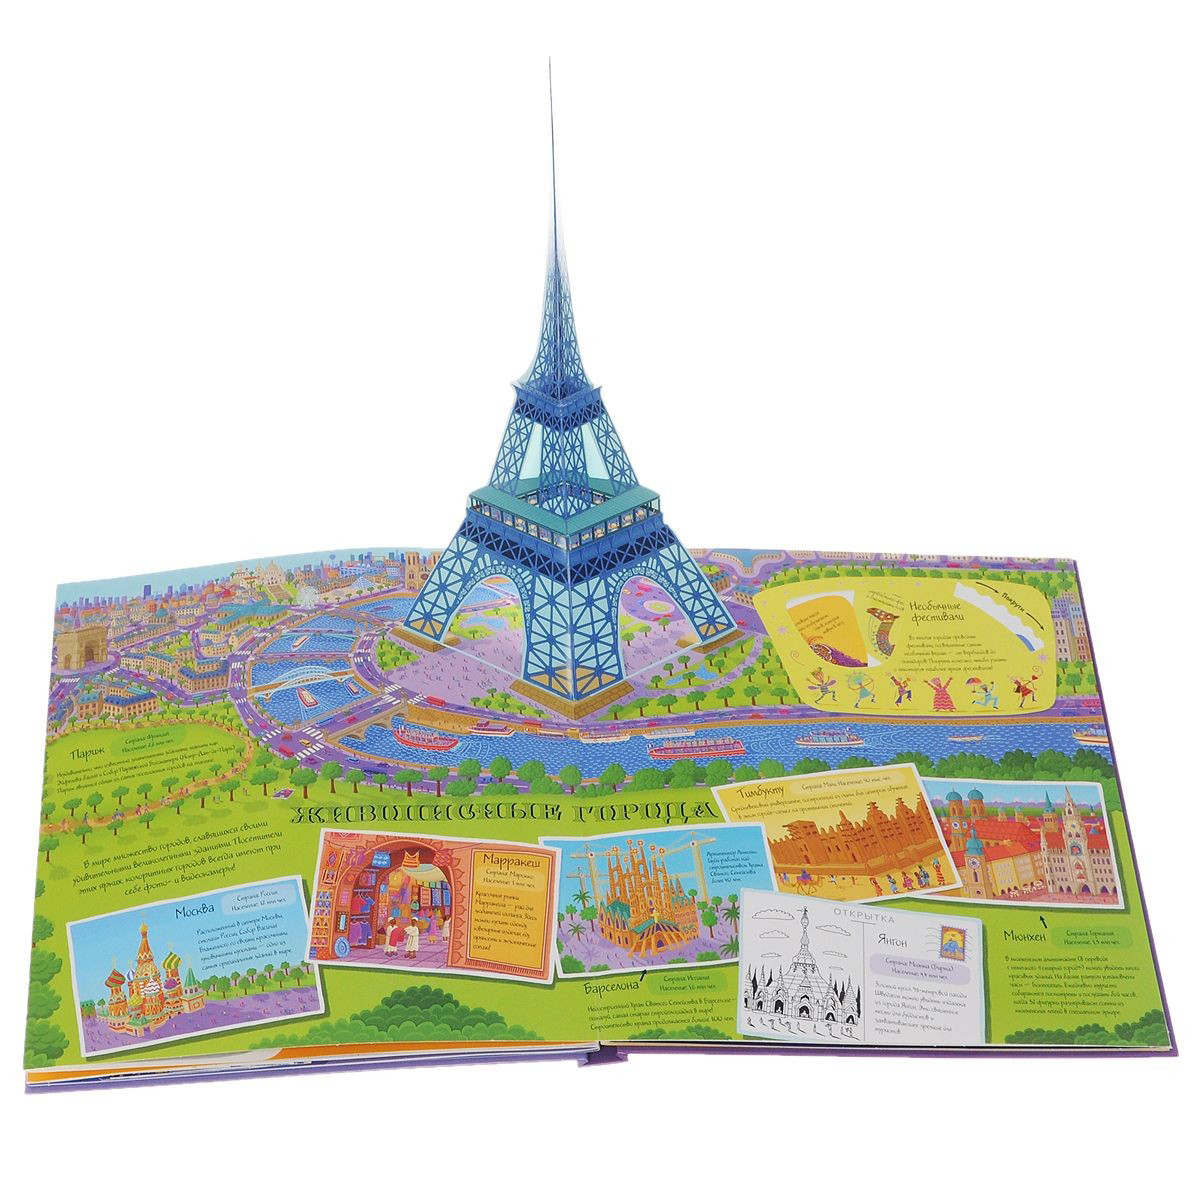 Книга - Мой объемный атлас городов, для детей от 5 летКнига знаний<br>Книга - Мой объемный атлас городов, для детей от 5 лет<br>